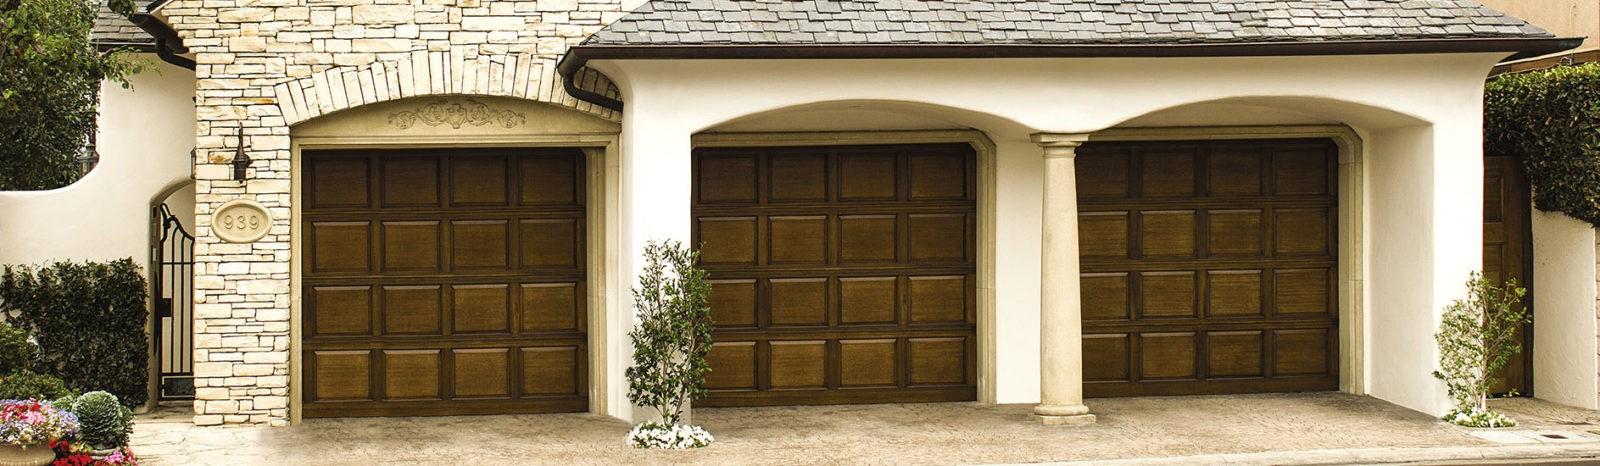 wood garage door model 300